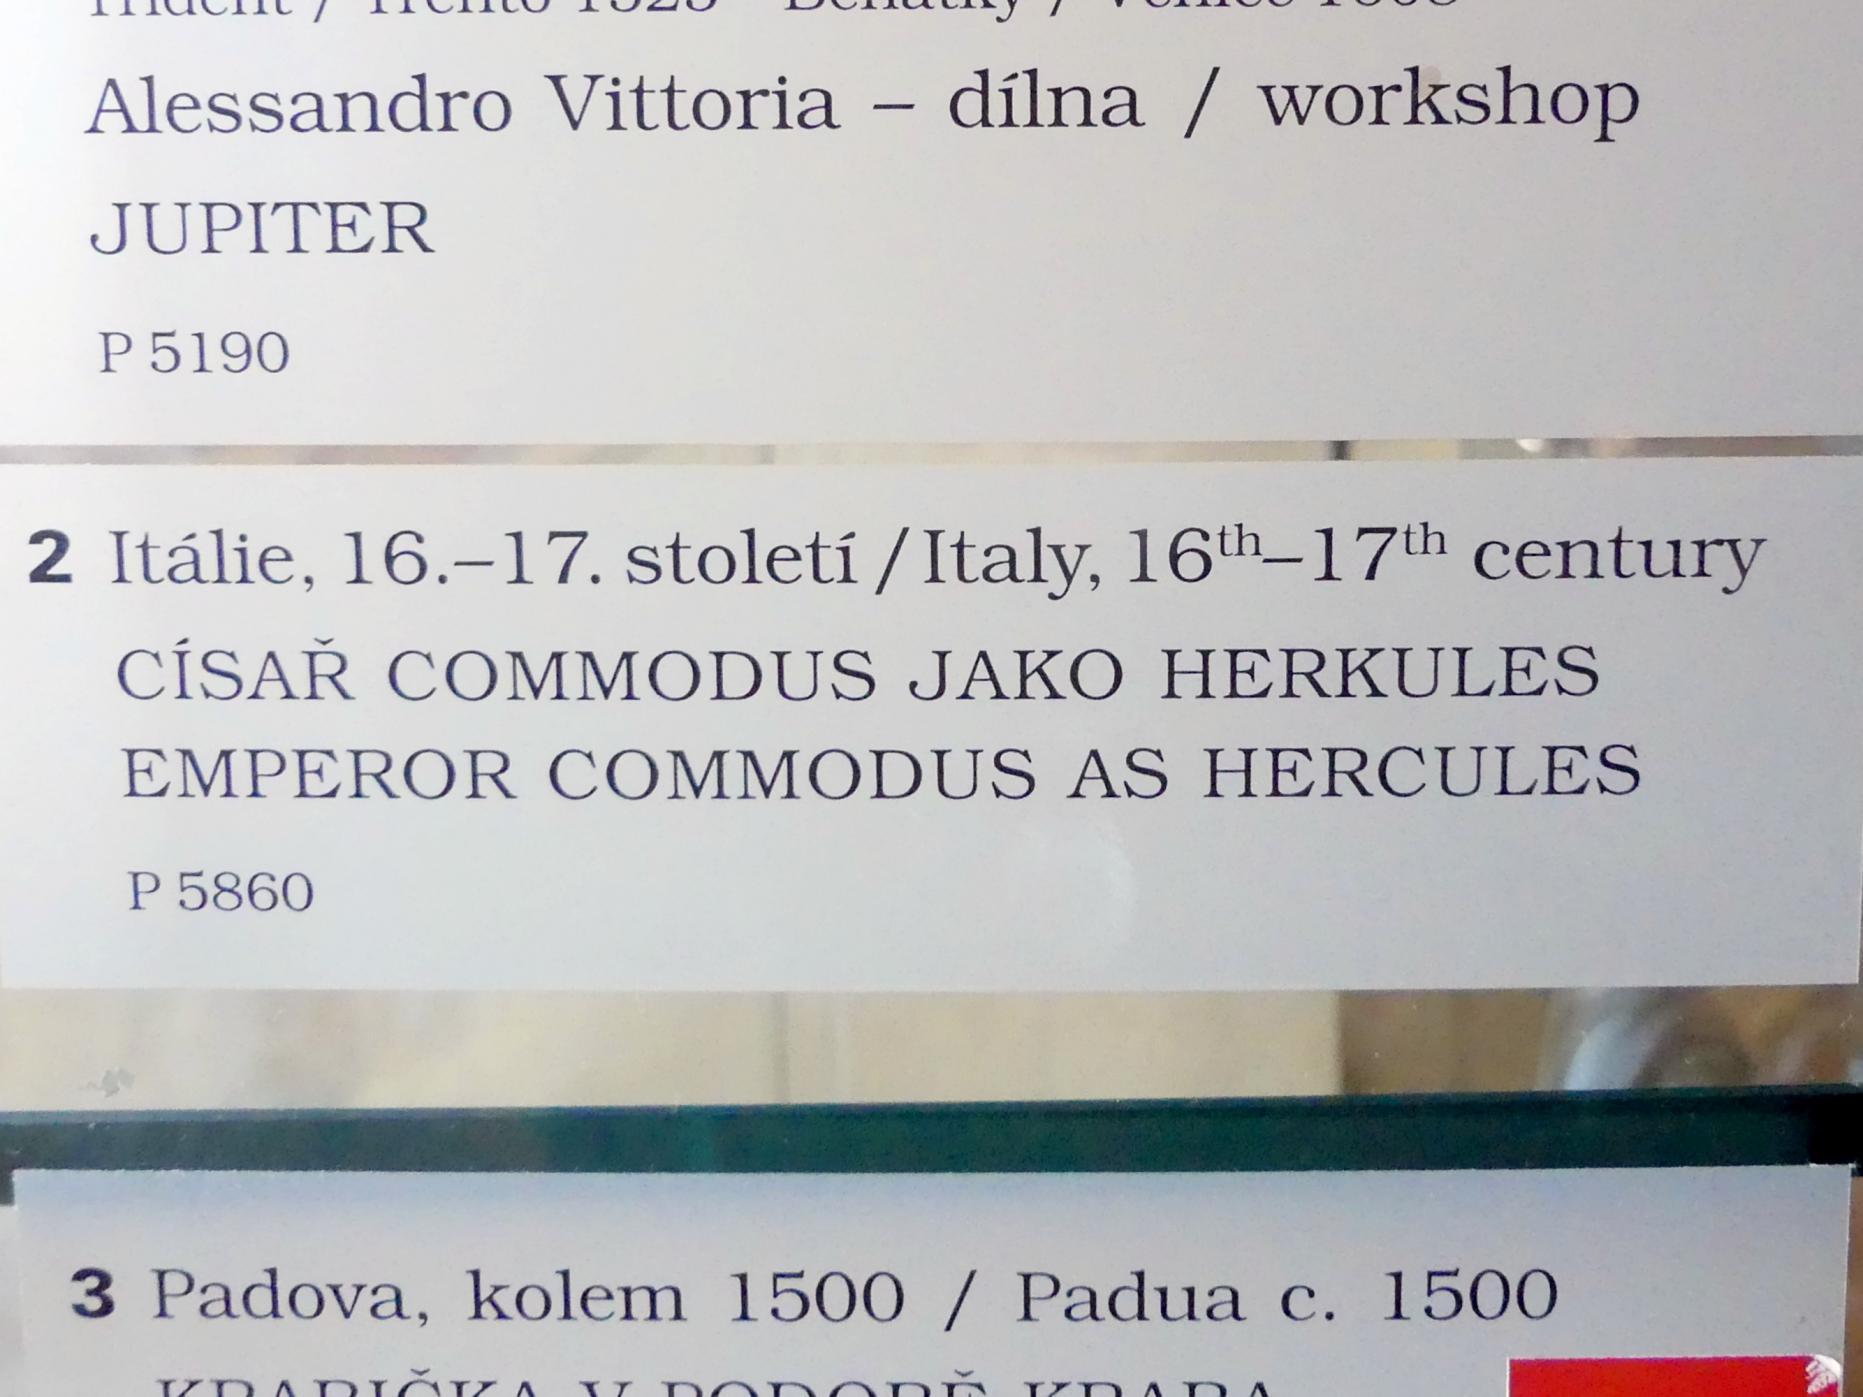 Kaiser Commodus (161-192) als Herkules, um 1500 - 1700, Bild 2/2